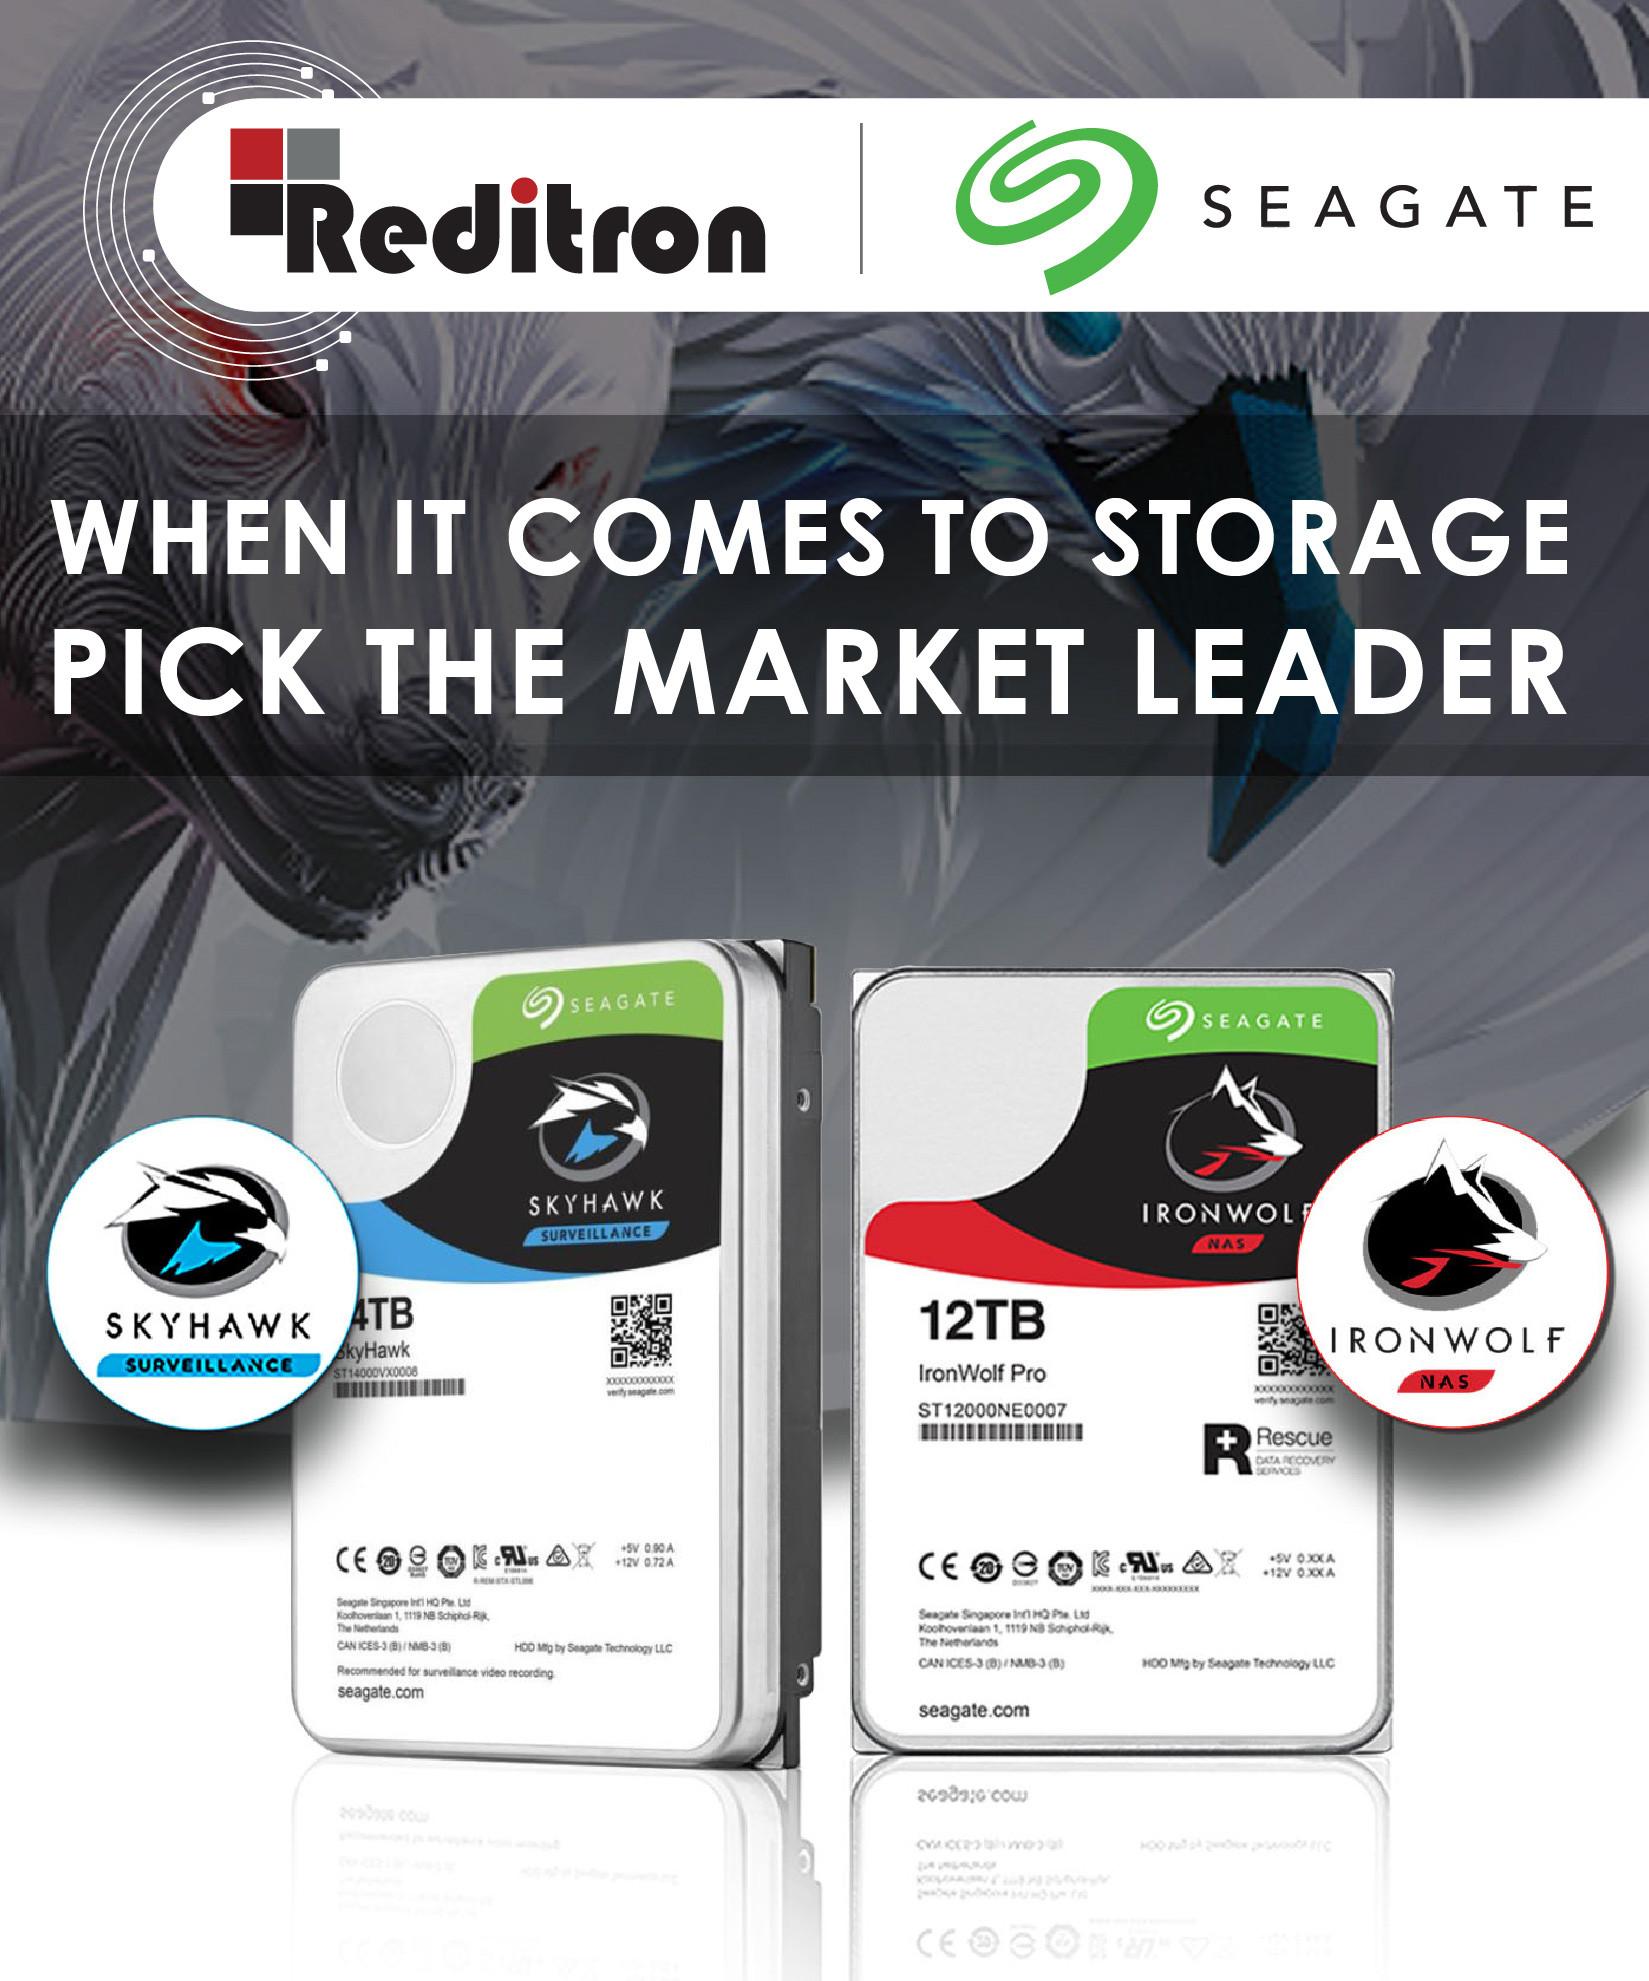 Seagate%20e-mailer-04(2).jpg